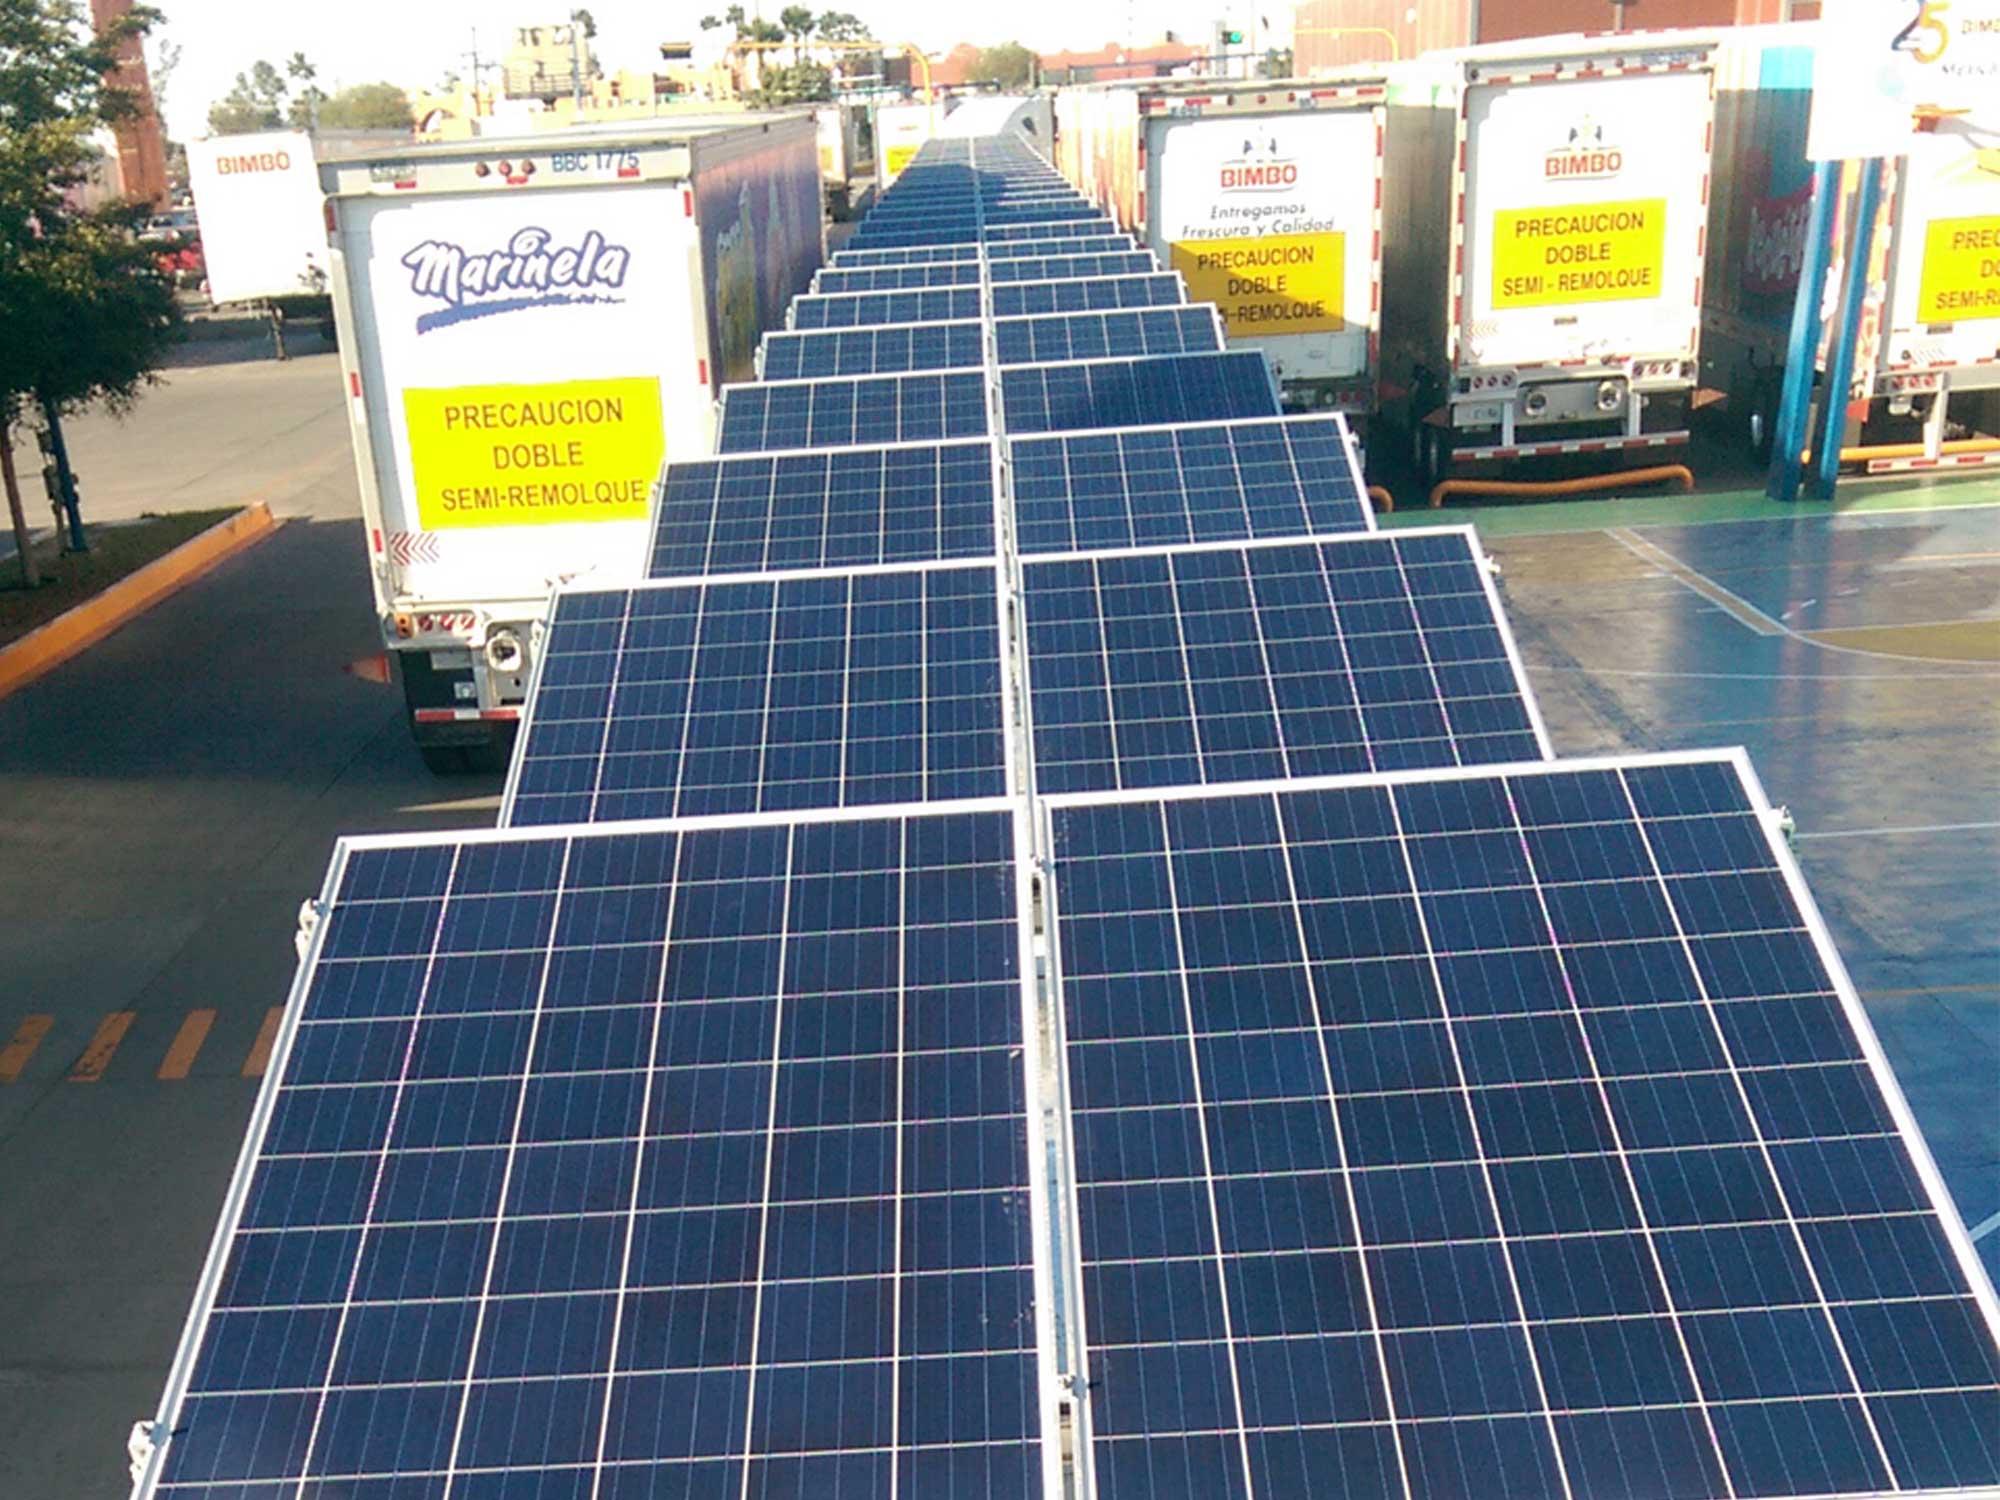 placas fotovoltaicas empresa